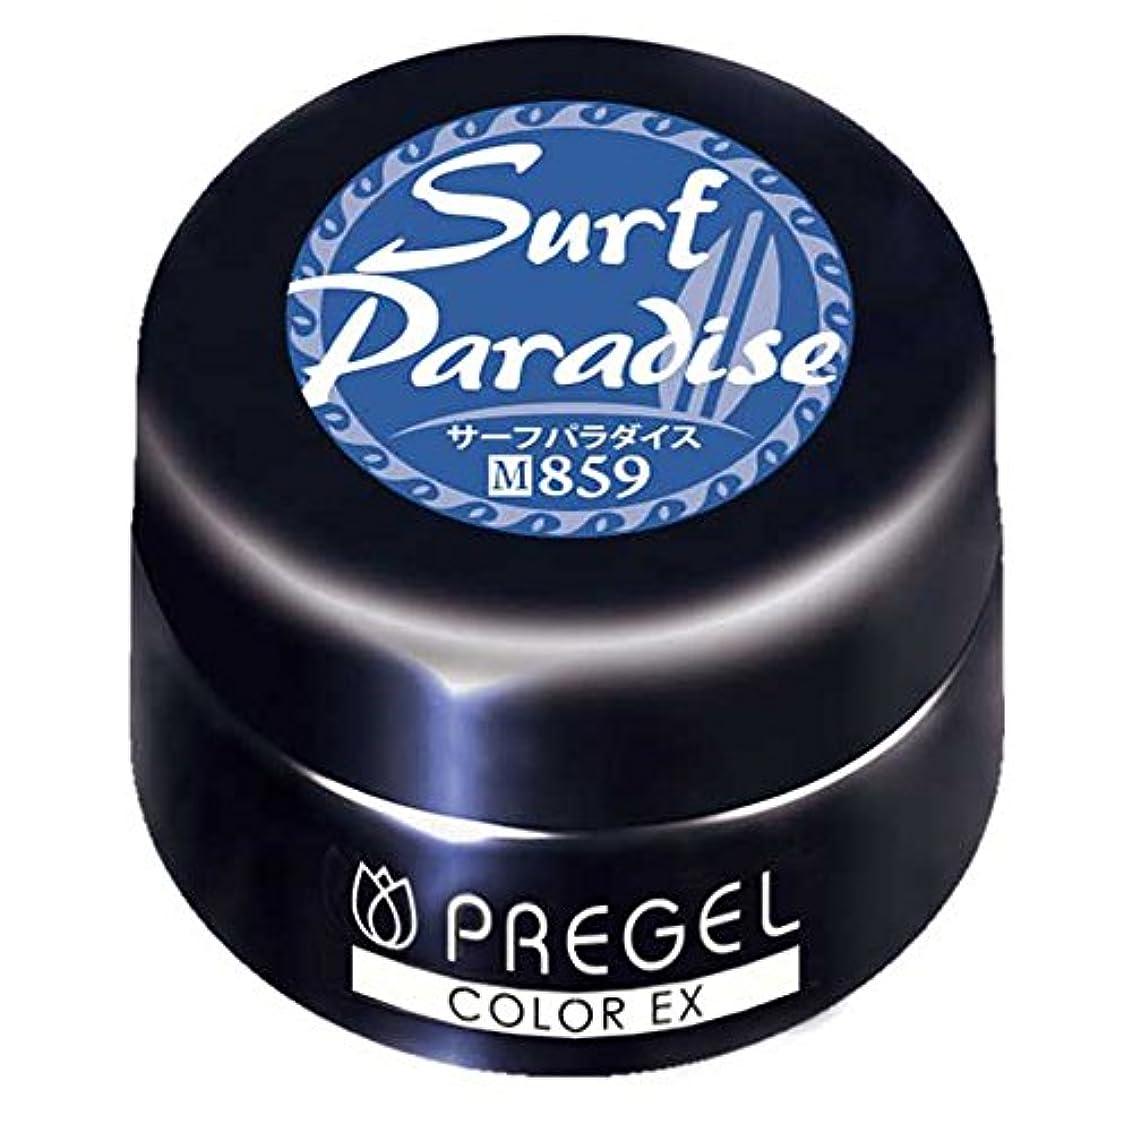 くるくるまともな入場料PRE GEL カラーEX サーフパラダイス 859 3g UV/LED対応